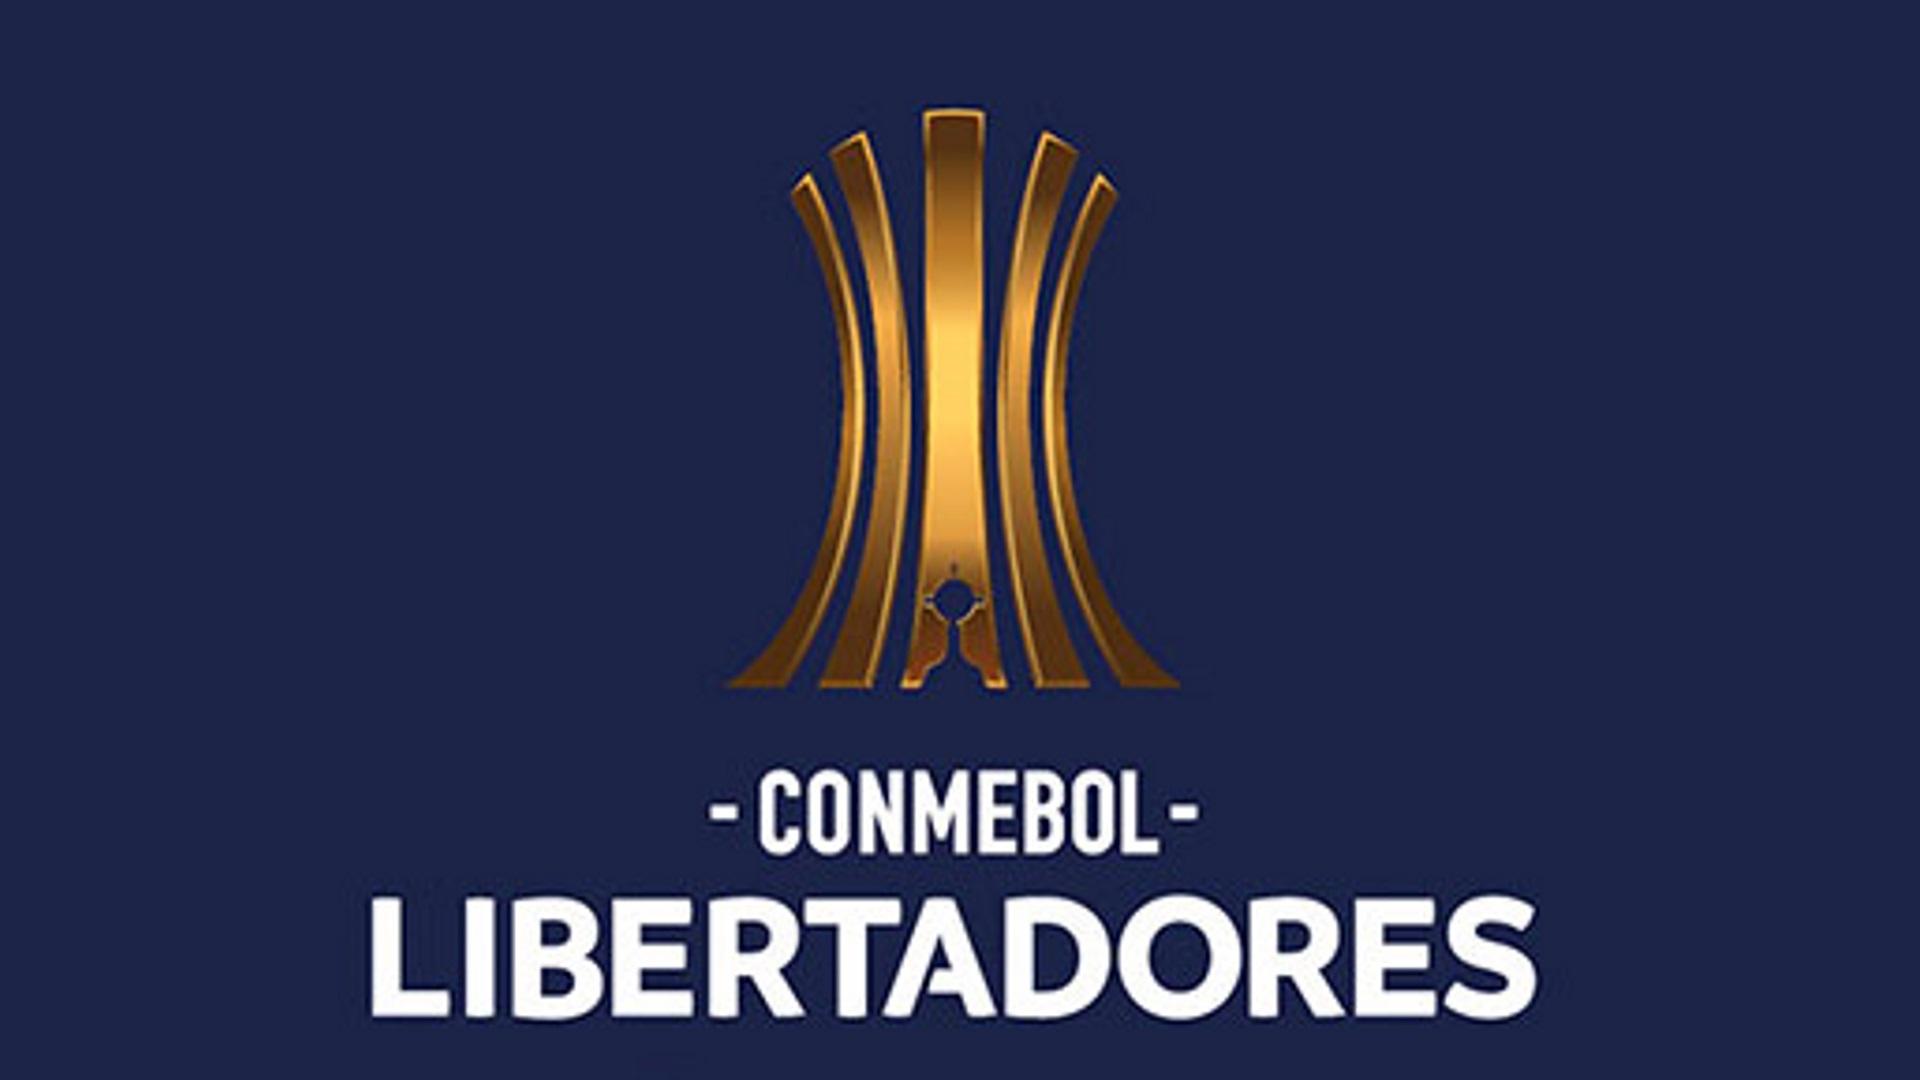 La justificación de Conmebol y la reacción en Guaraní por